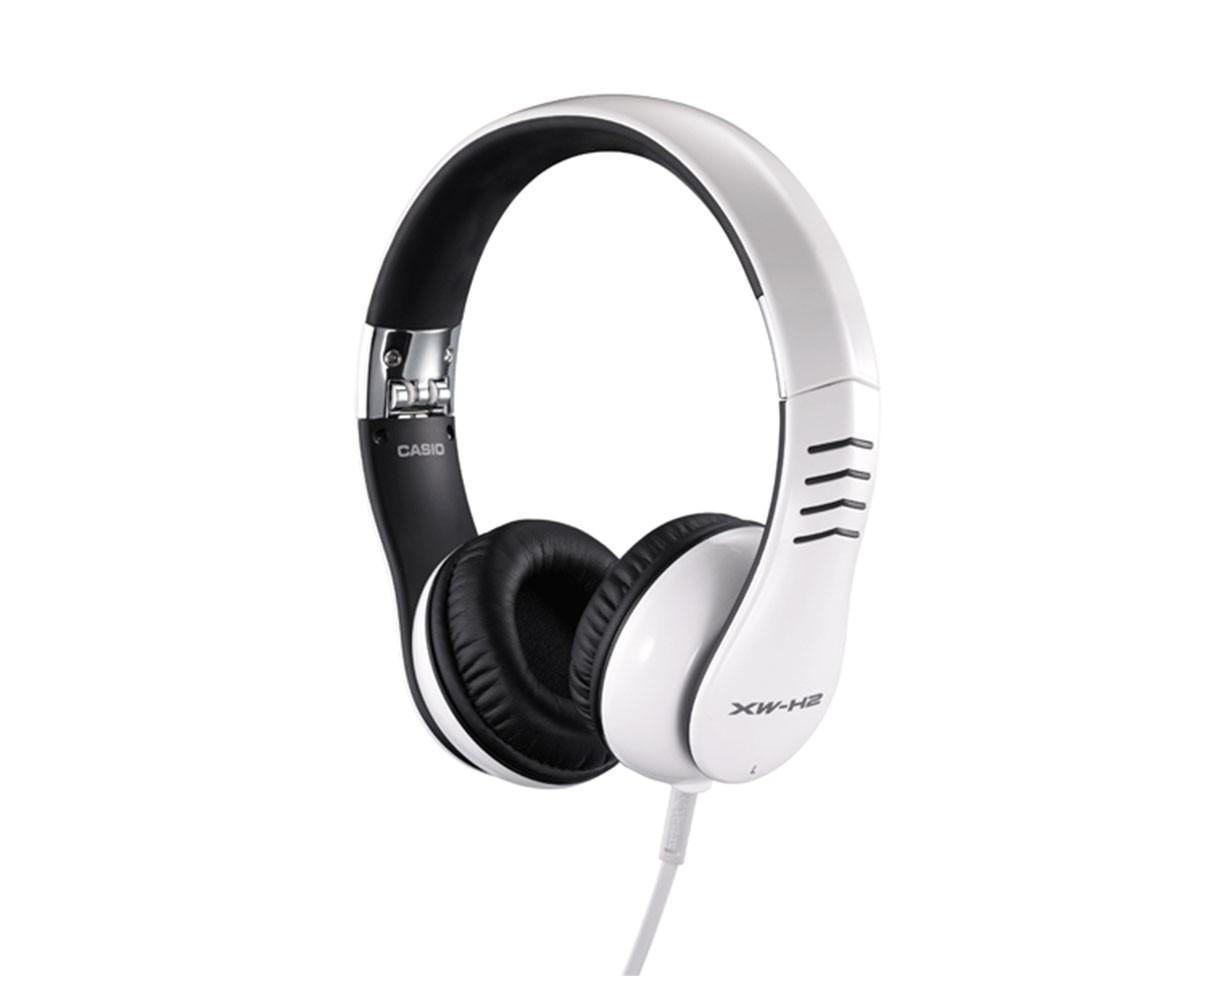 Casio XWH2 Over Ear Headphones